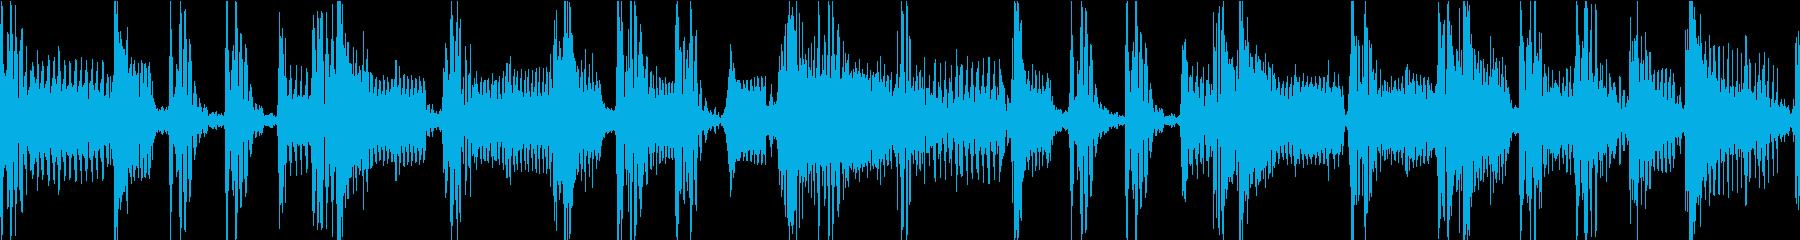 T.V.現代の現実。バウンシーコメ...の再生済みの波形